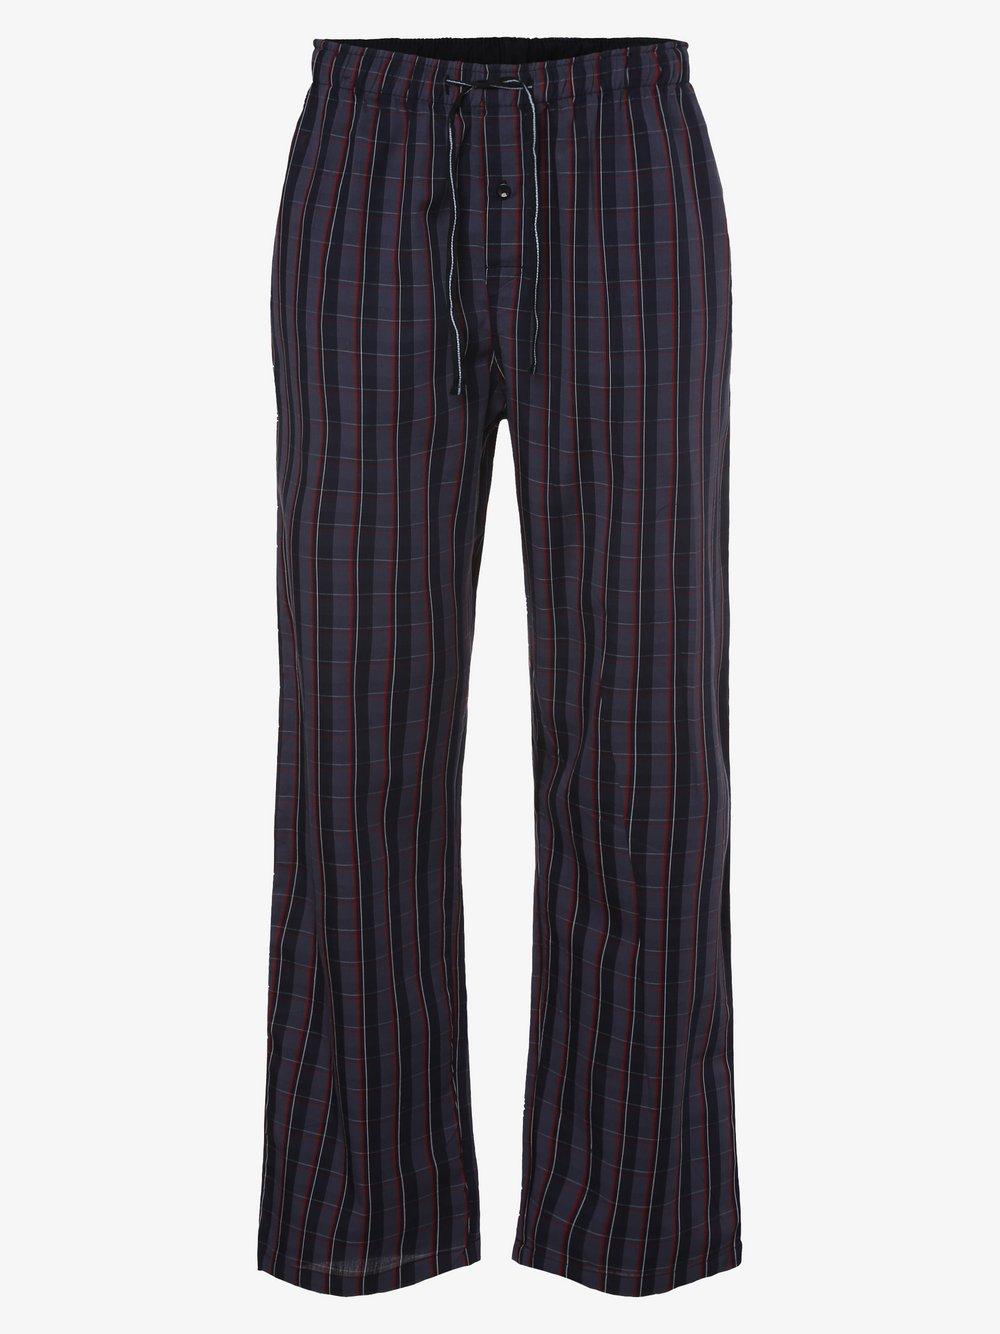 Mc Earl - Męskie spodnie od piżamy, niebieski